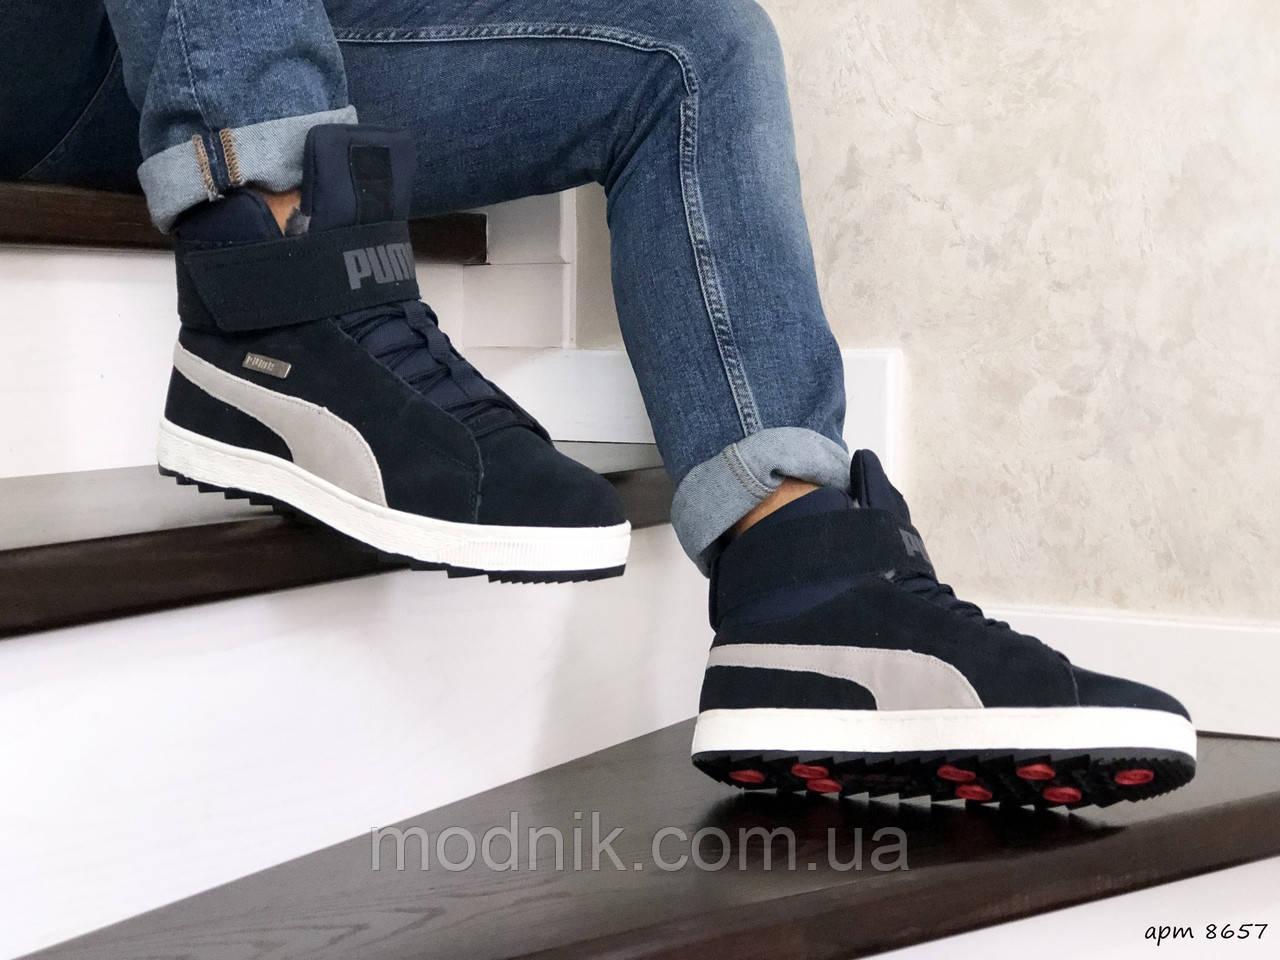 Мужские зимние кроссовки Puma (сине-белые)